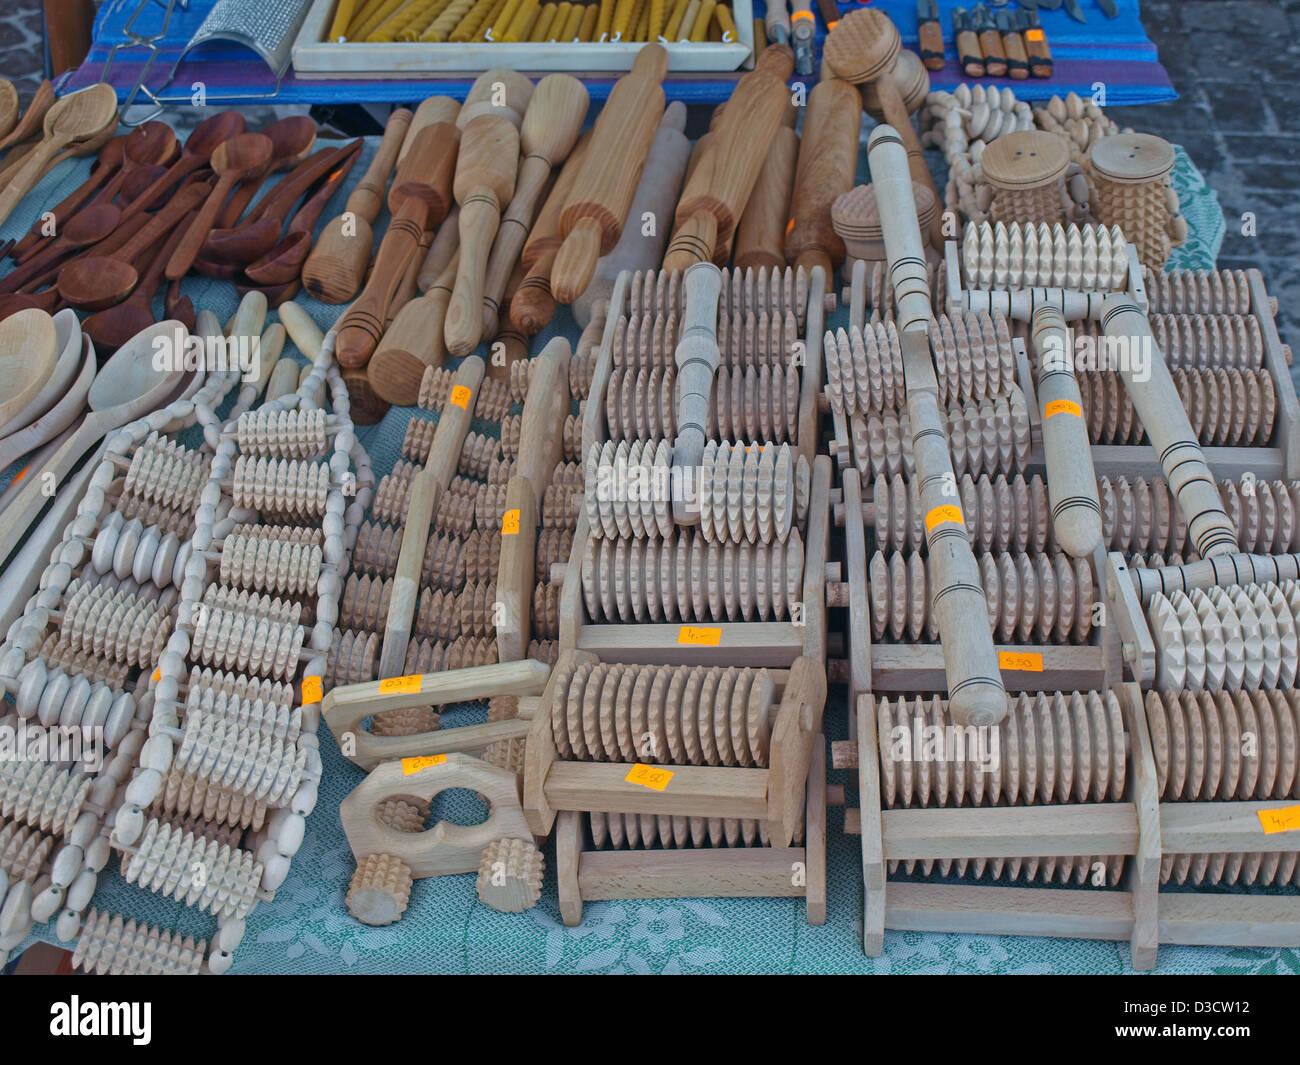 Hausgemachte Holz Küchengeräte zum Verkauf auf dem lettischen Markt ...